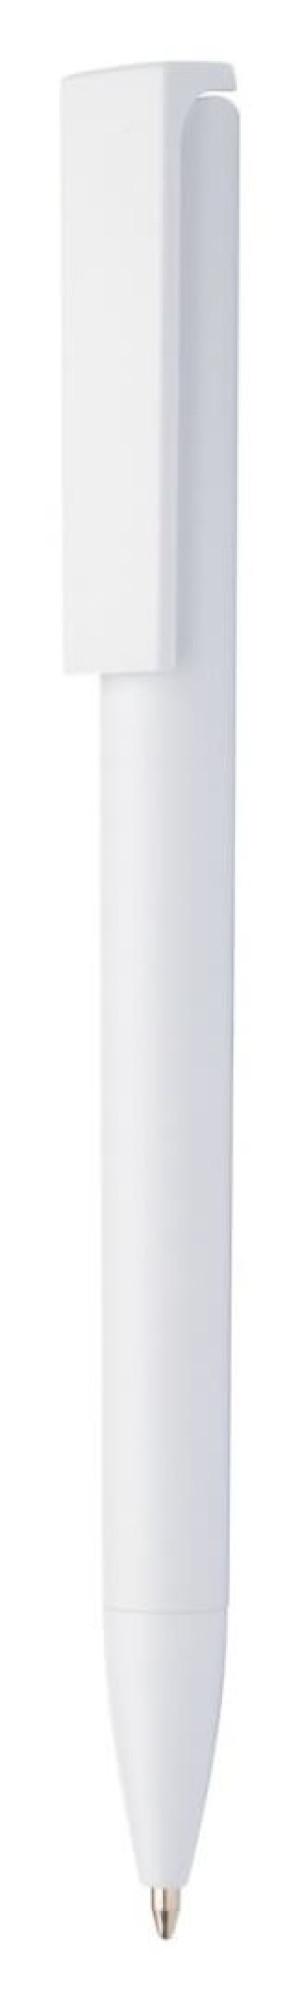 Trampolino Kunststoffkugelschreiber